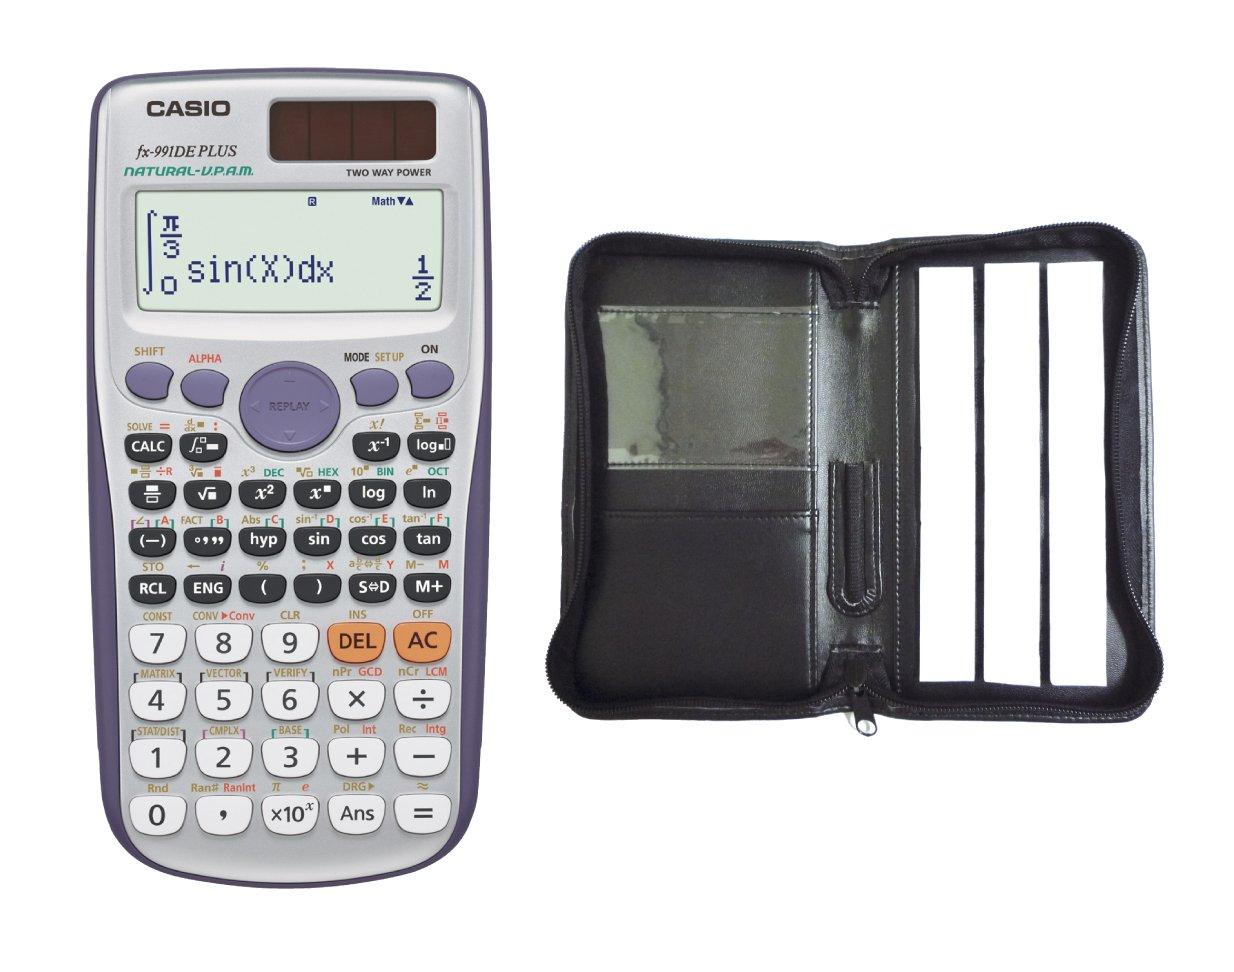 Casio Fx 991 De Plus Paket 1 Brobedarf Schreibwaren Id Calculator